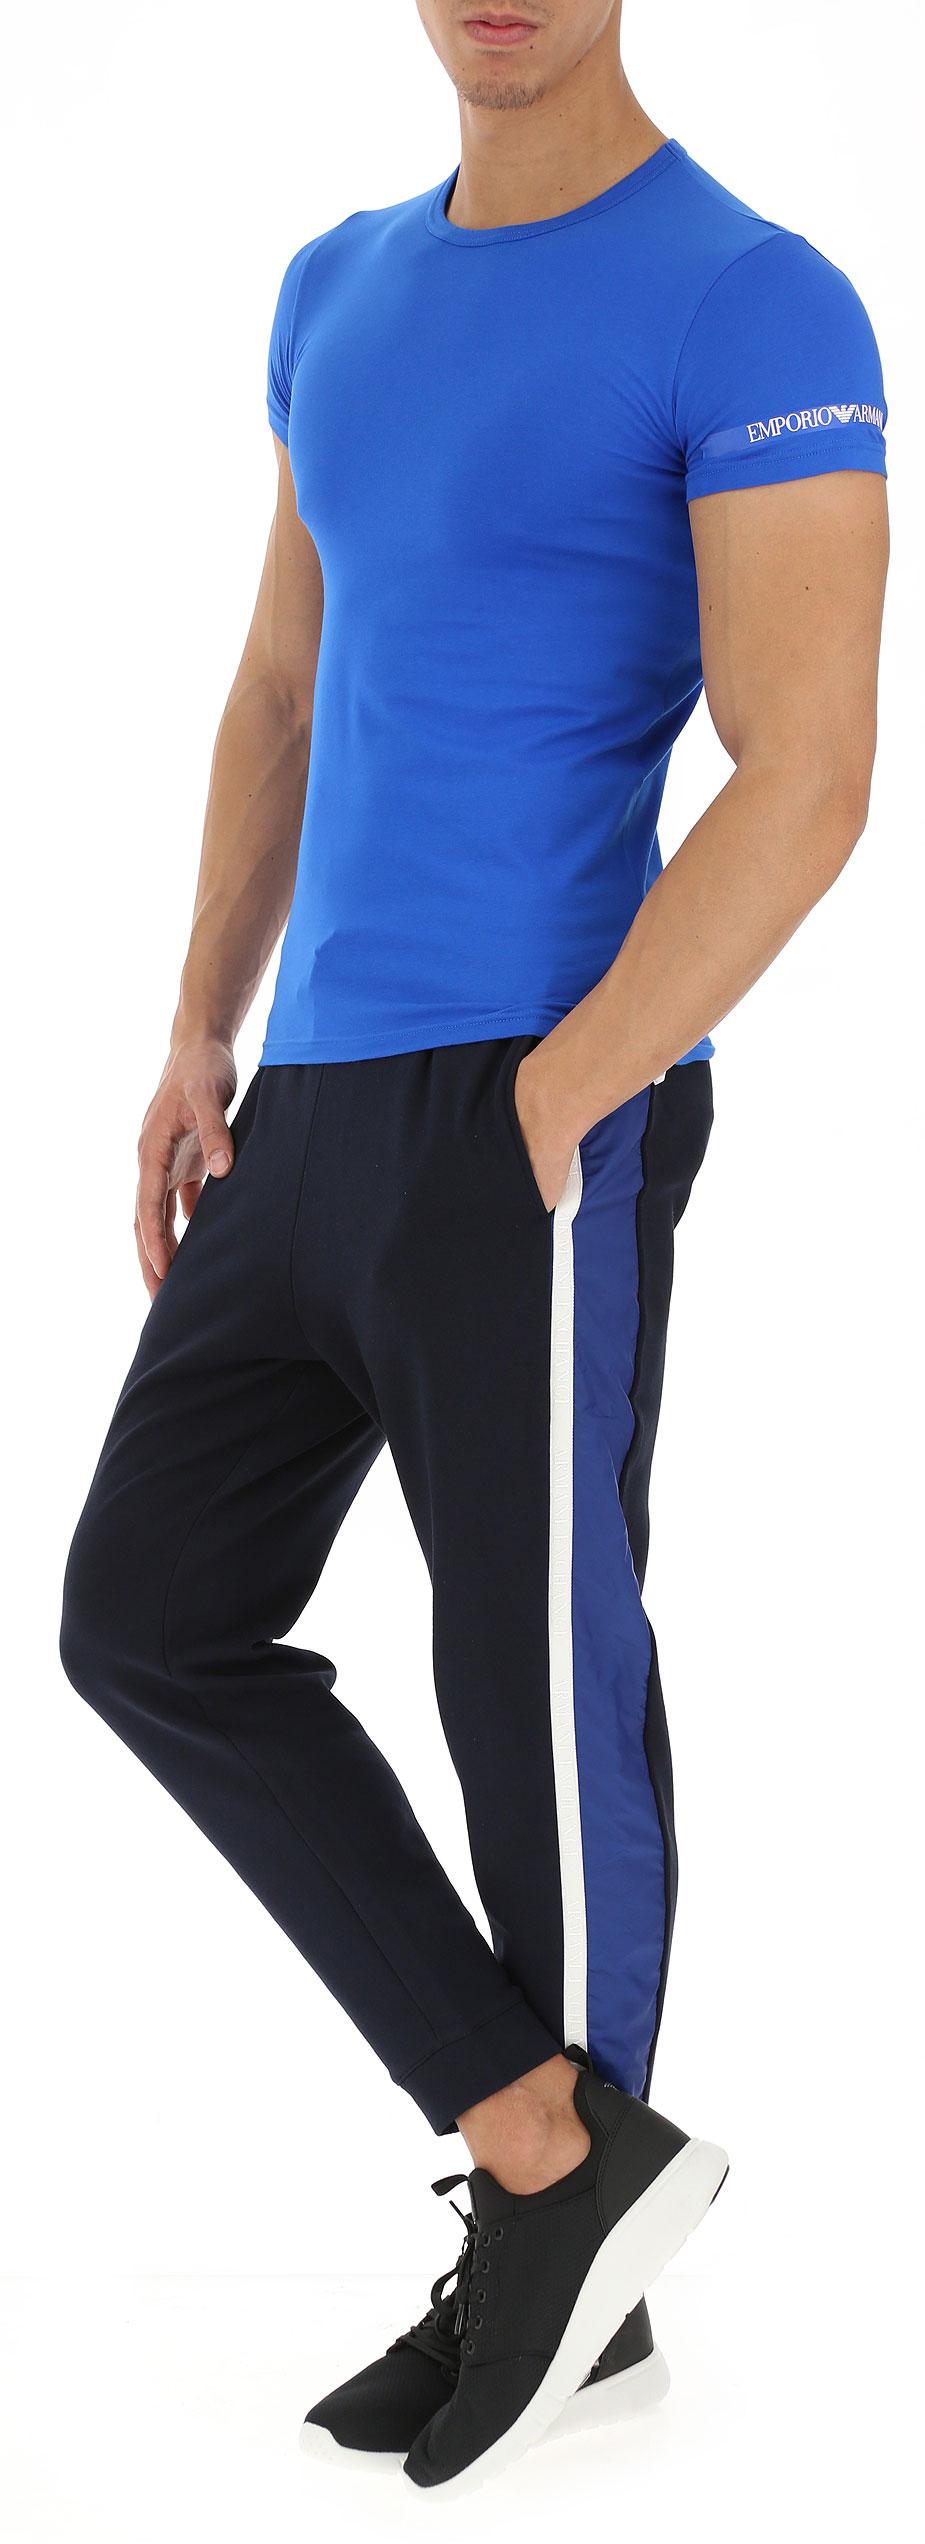 Abbigliamento Uomo Emporio Armani, Codice Articolo: 111035-8p723-20833